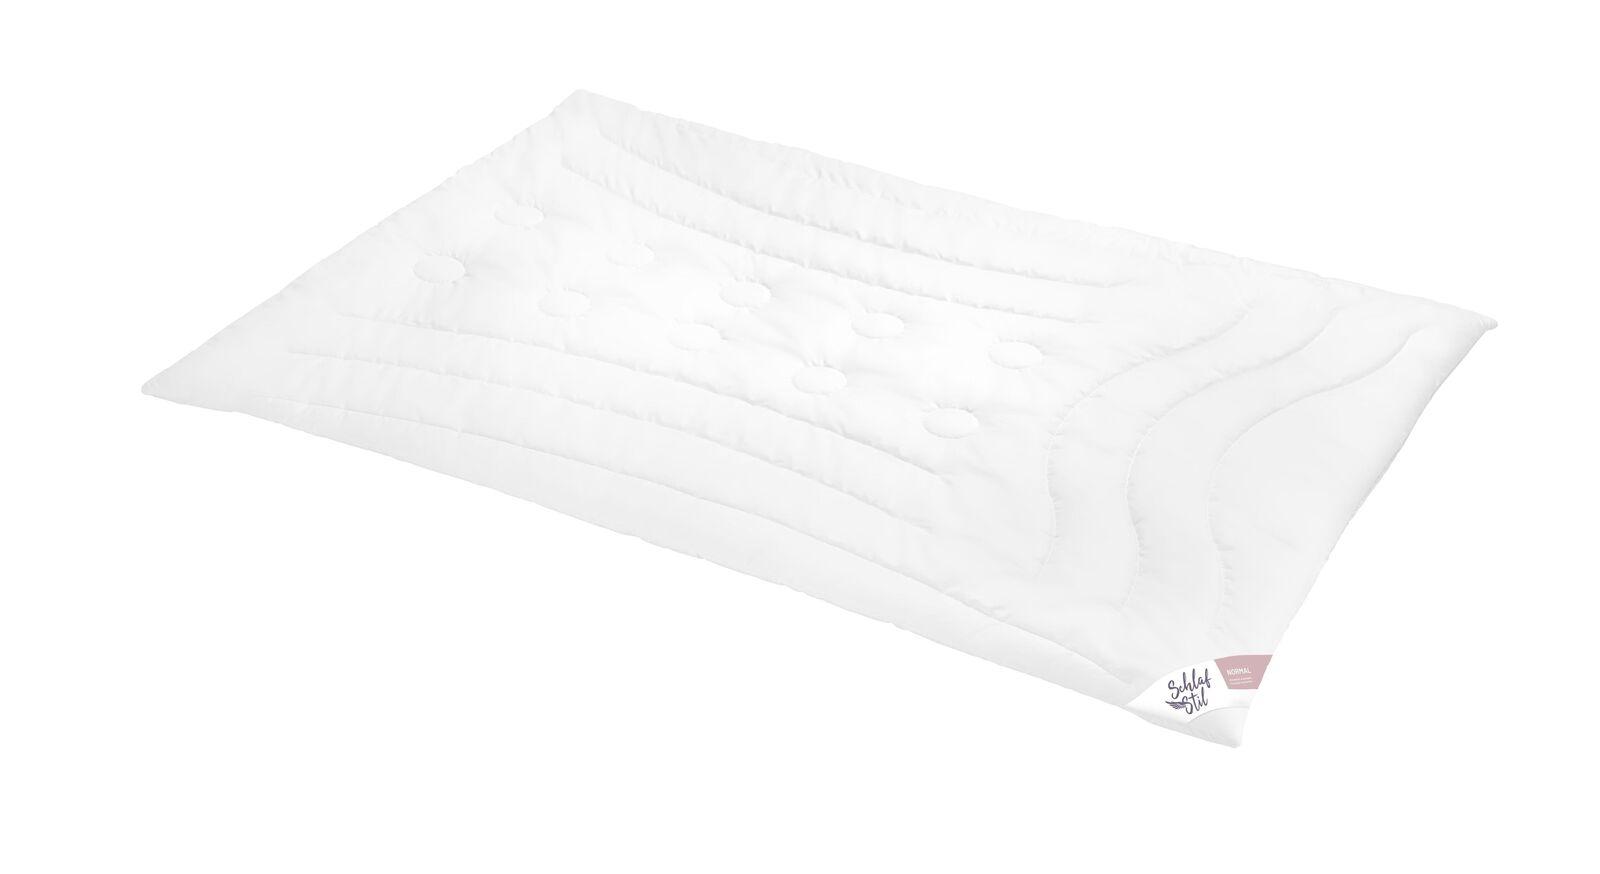 SCHLAFSTIL Cashmere-Flaum-Bettdecke N700 für normalen Wärmebedarf